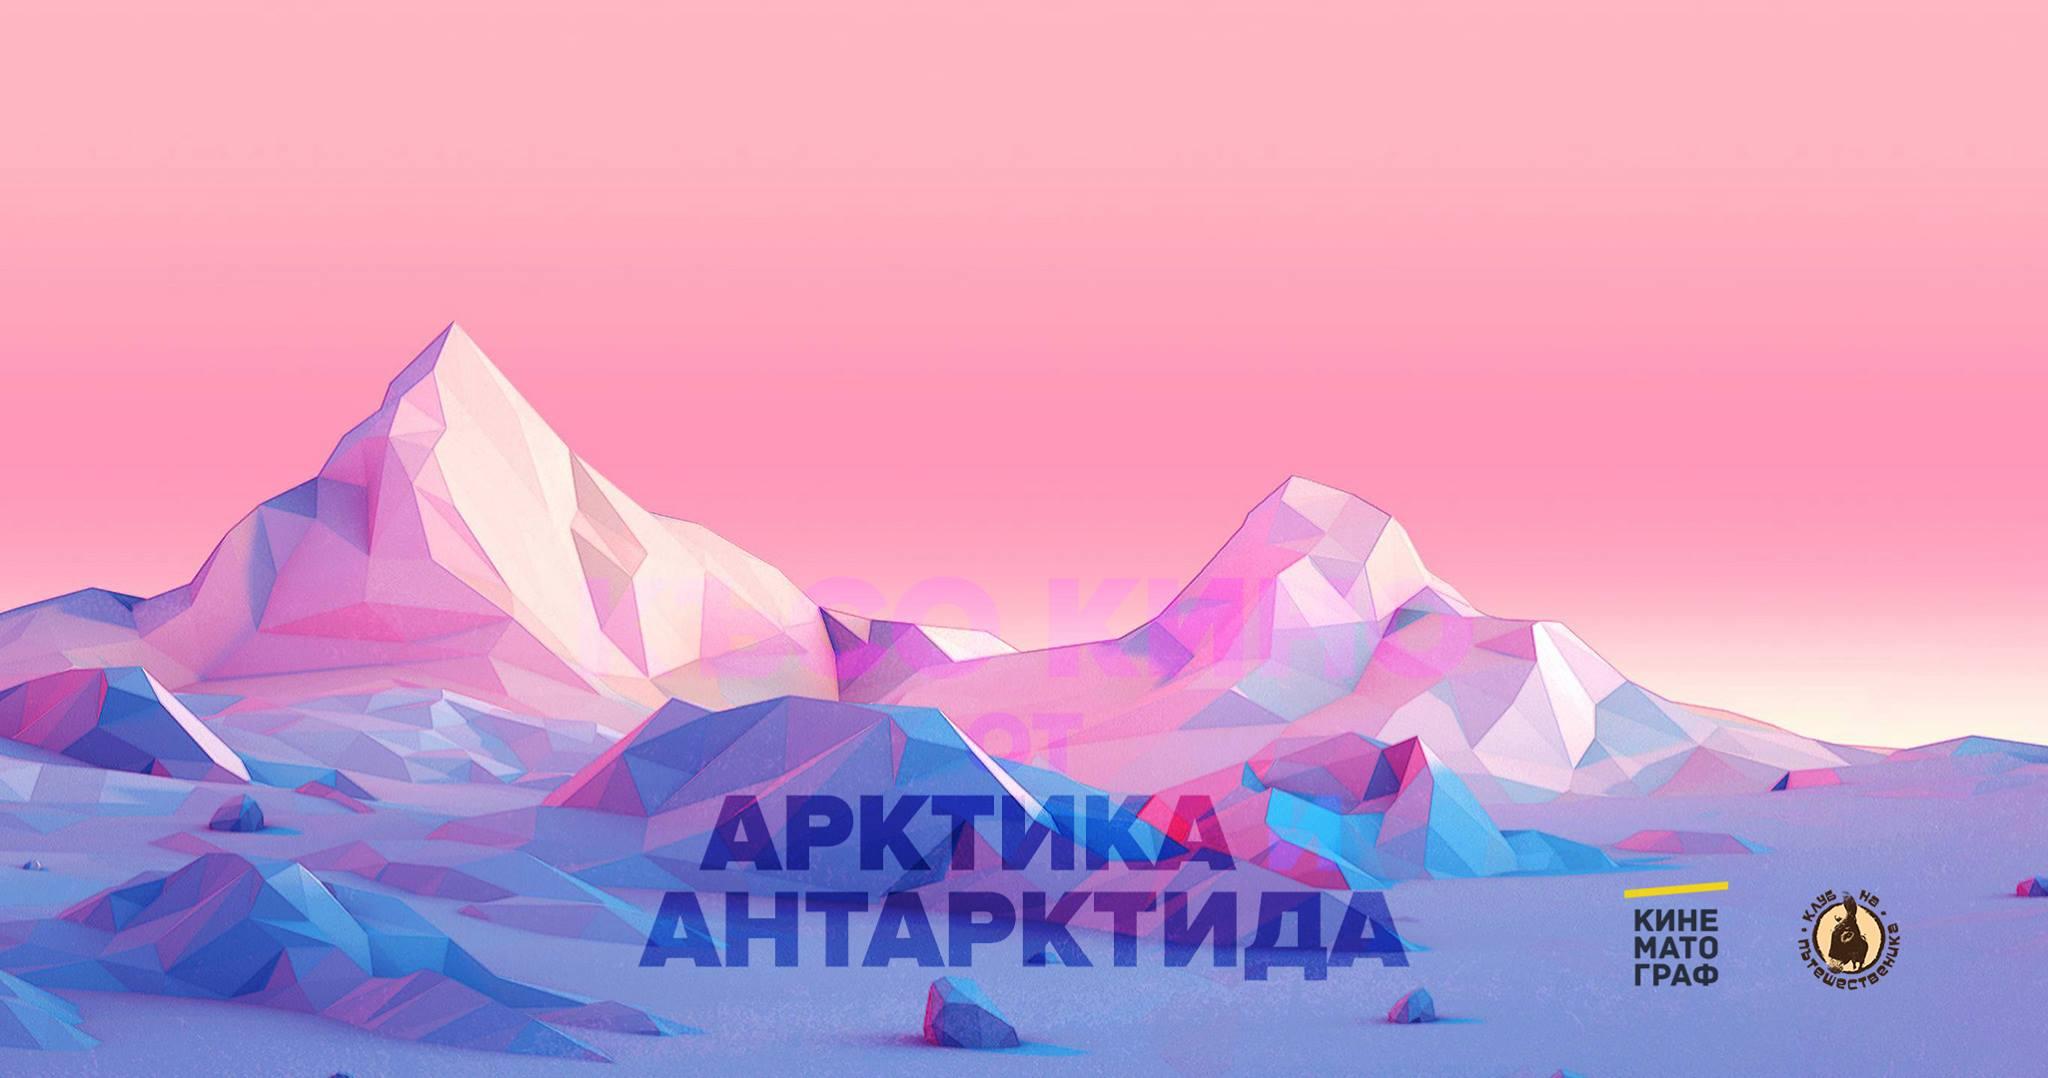 19.01.18 - kaso kino antarktika i antarktida